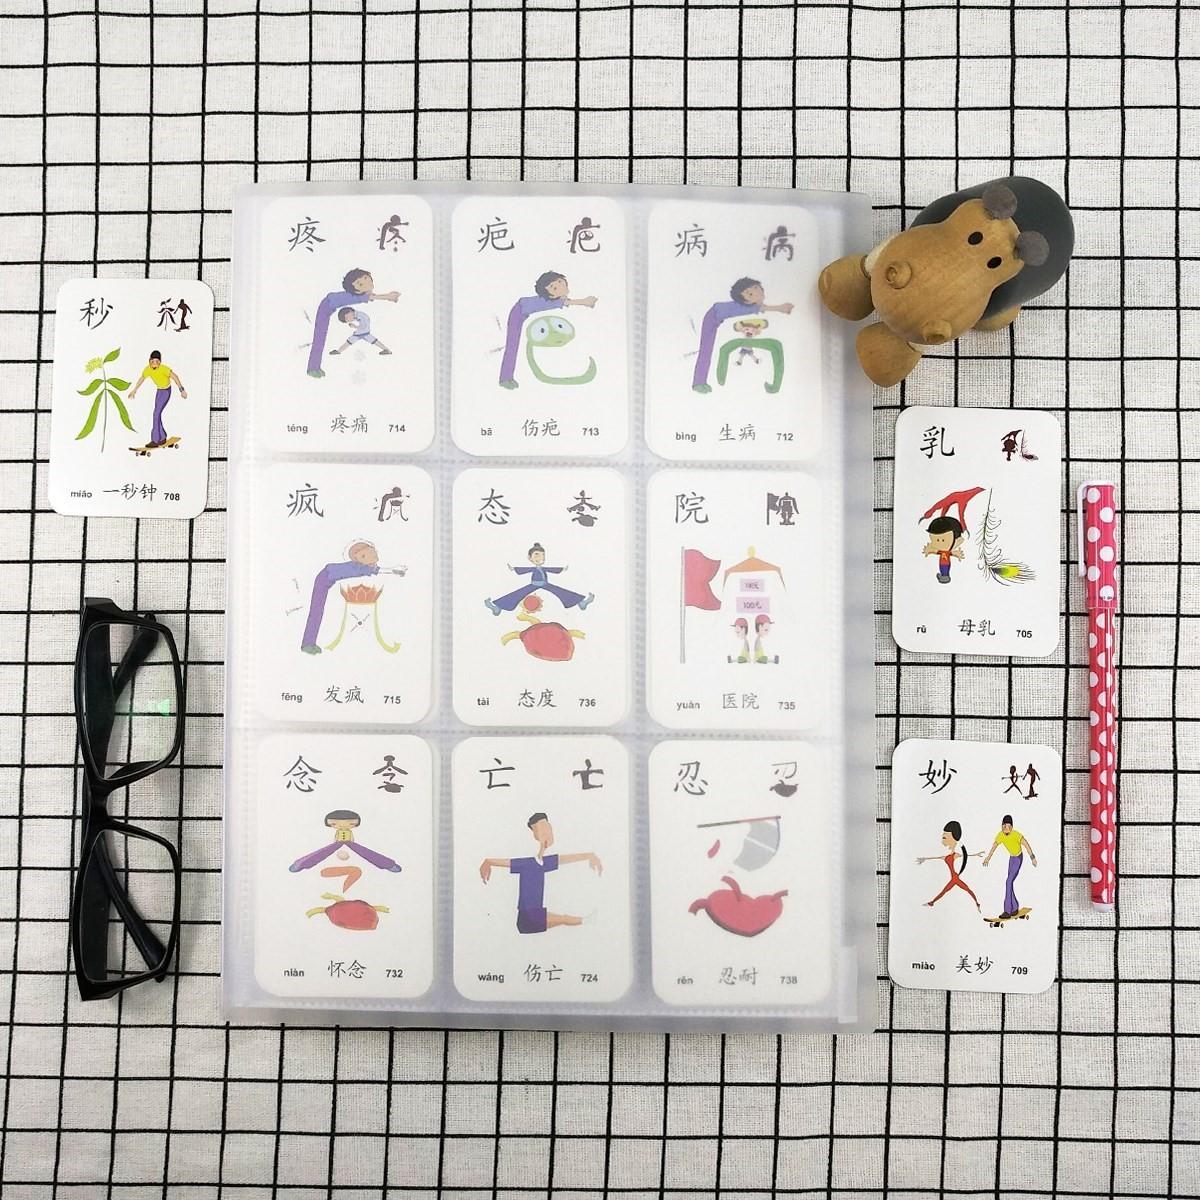 儿童识字卡片3寸大容量竖版拍立得插页买三送一4寸照片收纳本相册满5元可用5元优惠券